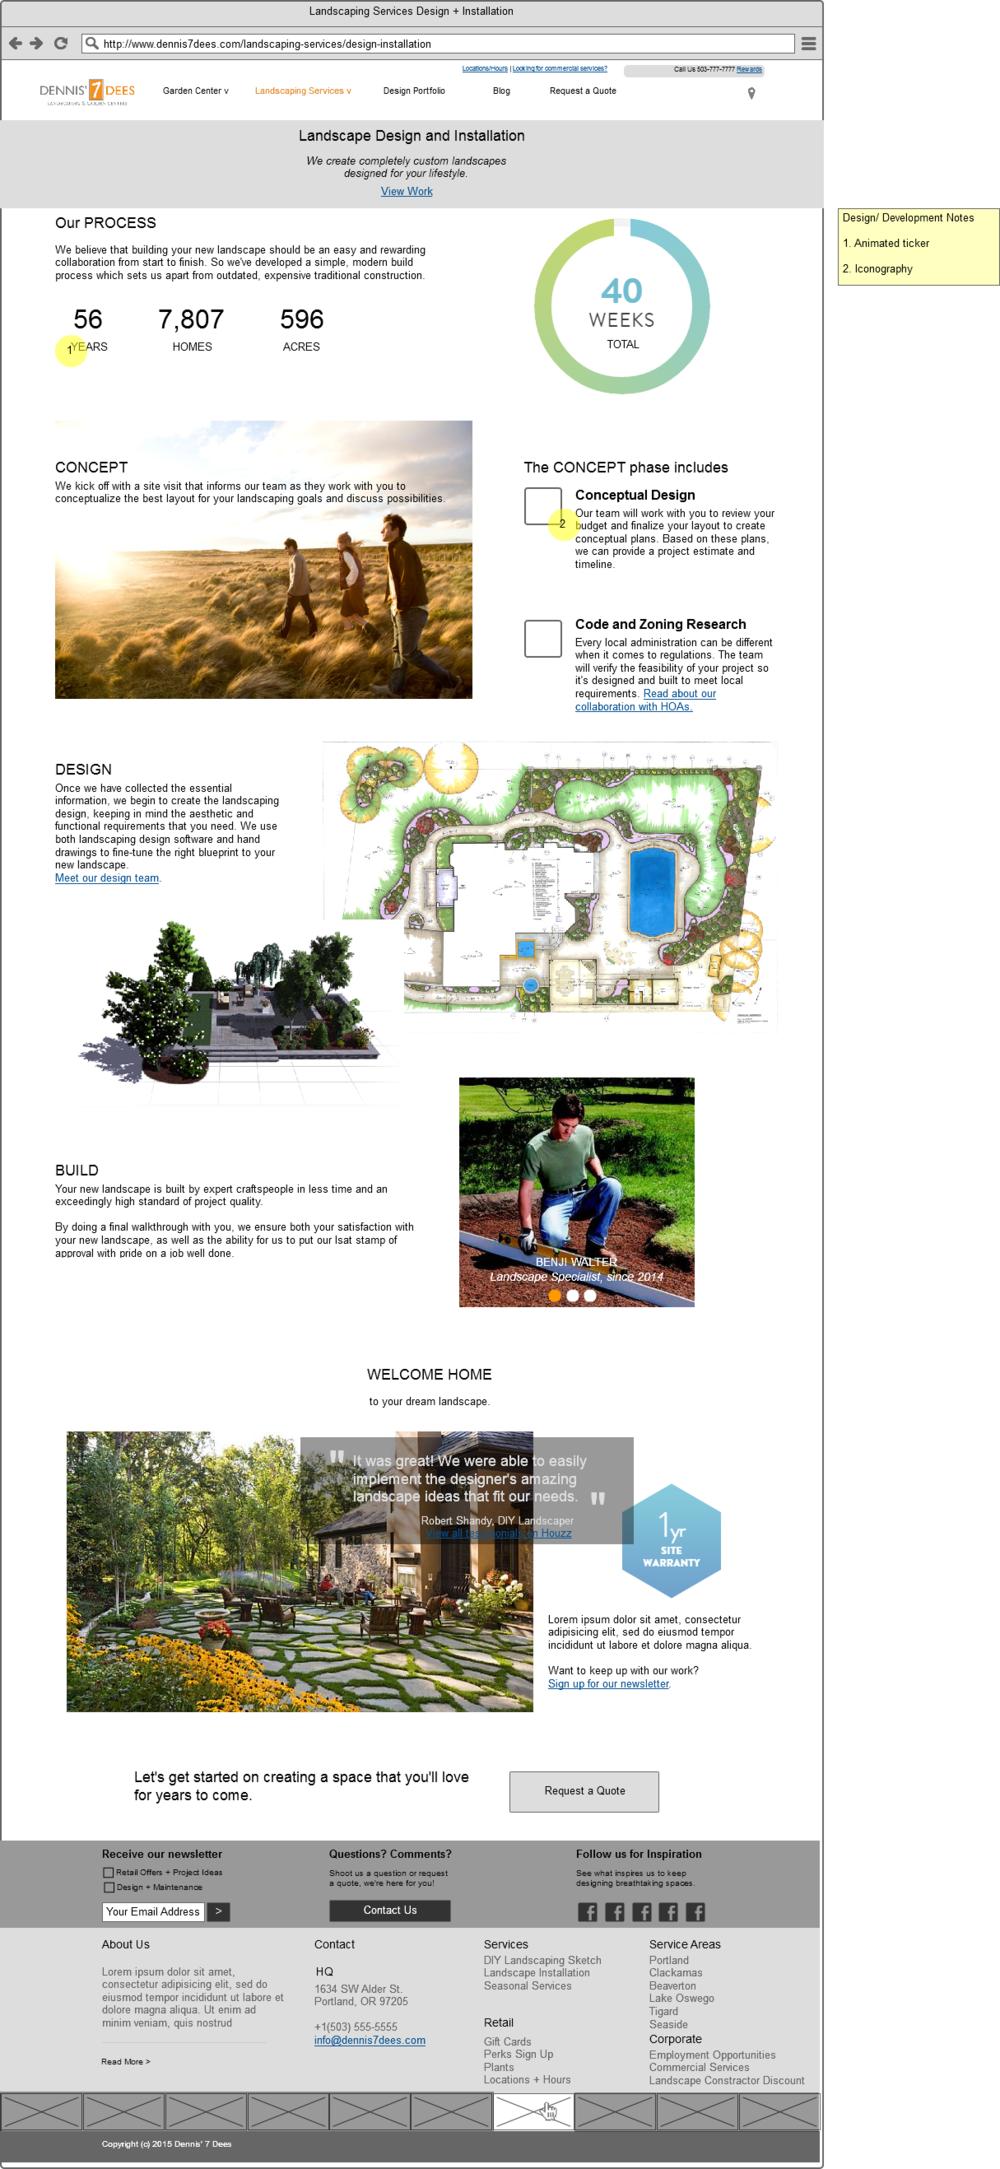 3_1_0 Landscape DesignBuild.png